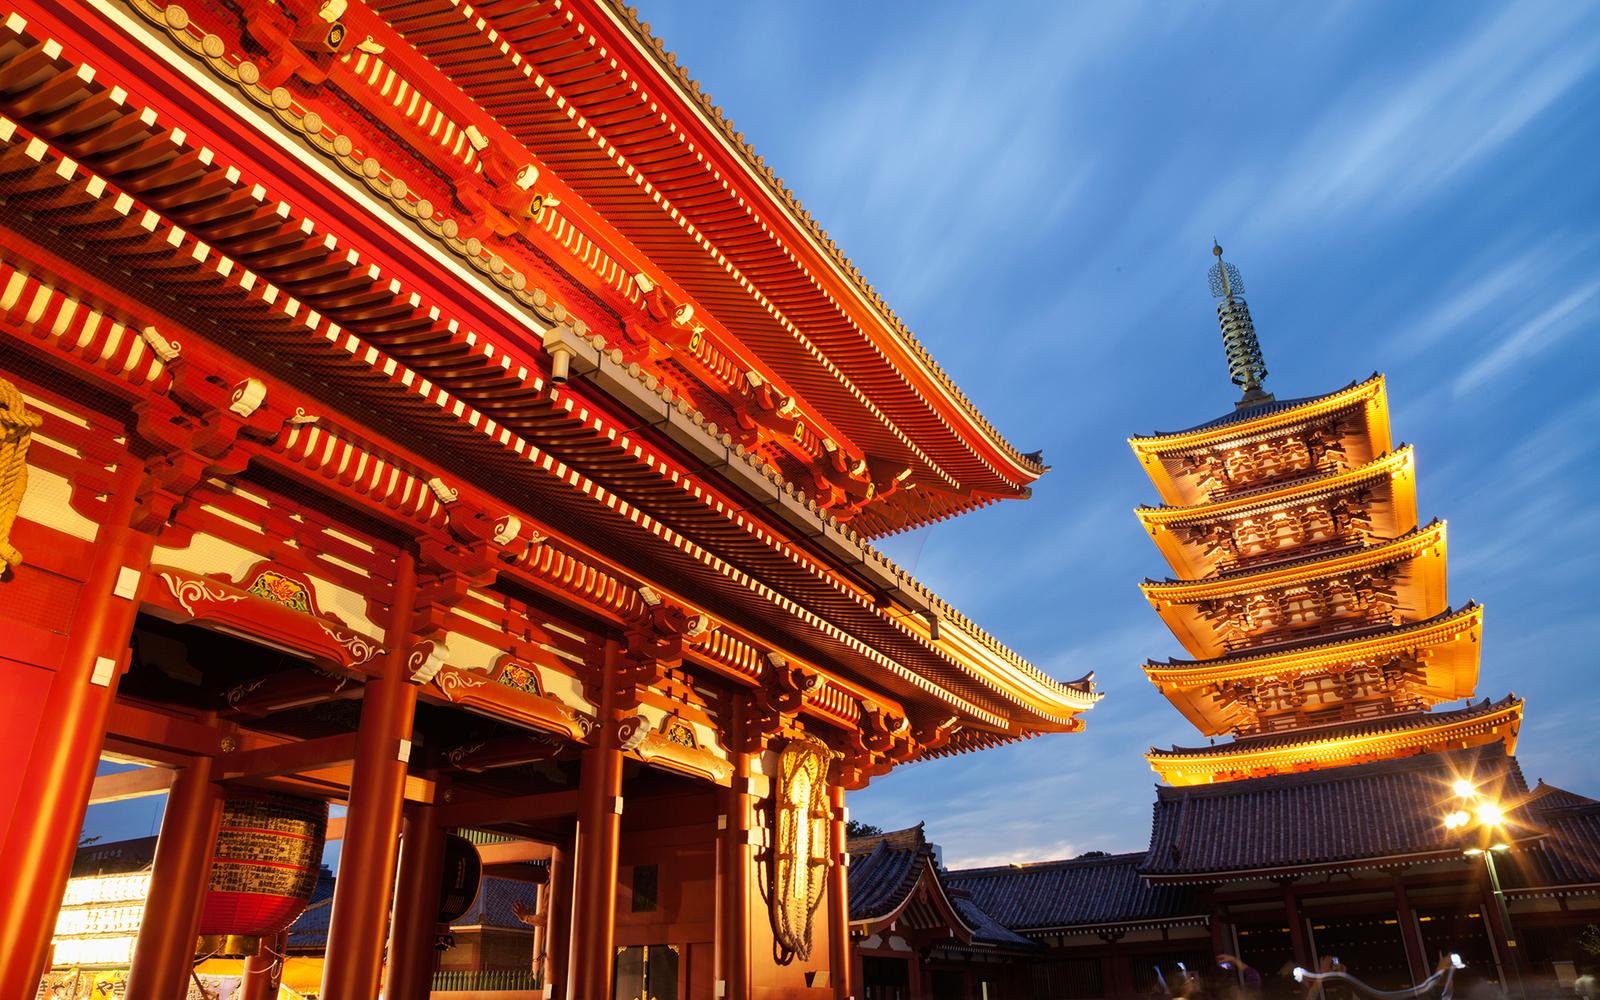 tokyo-header-dg1015.jpg